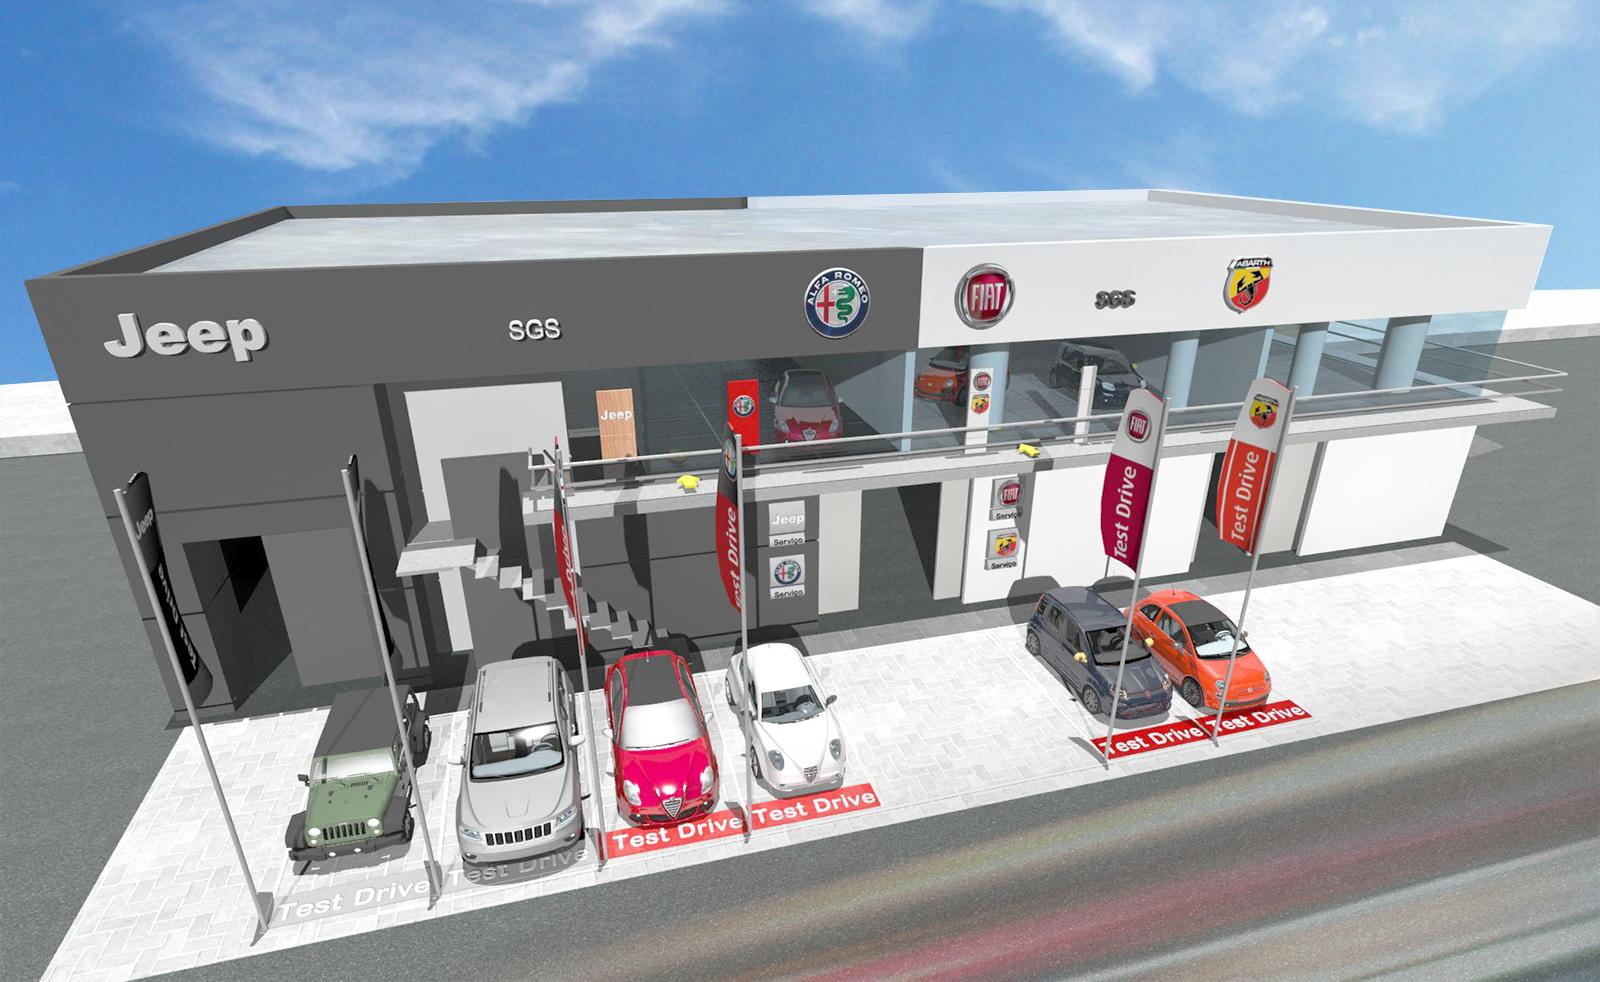 Jeep em Portugal: apostar forte no crescimento das vendas